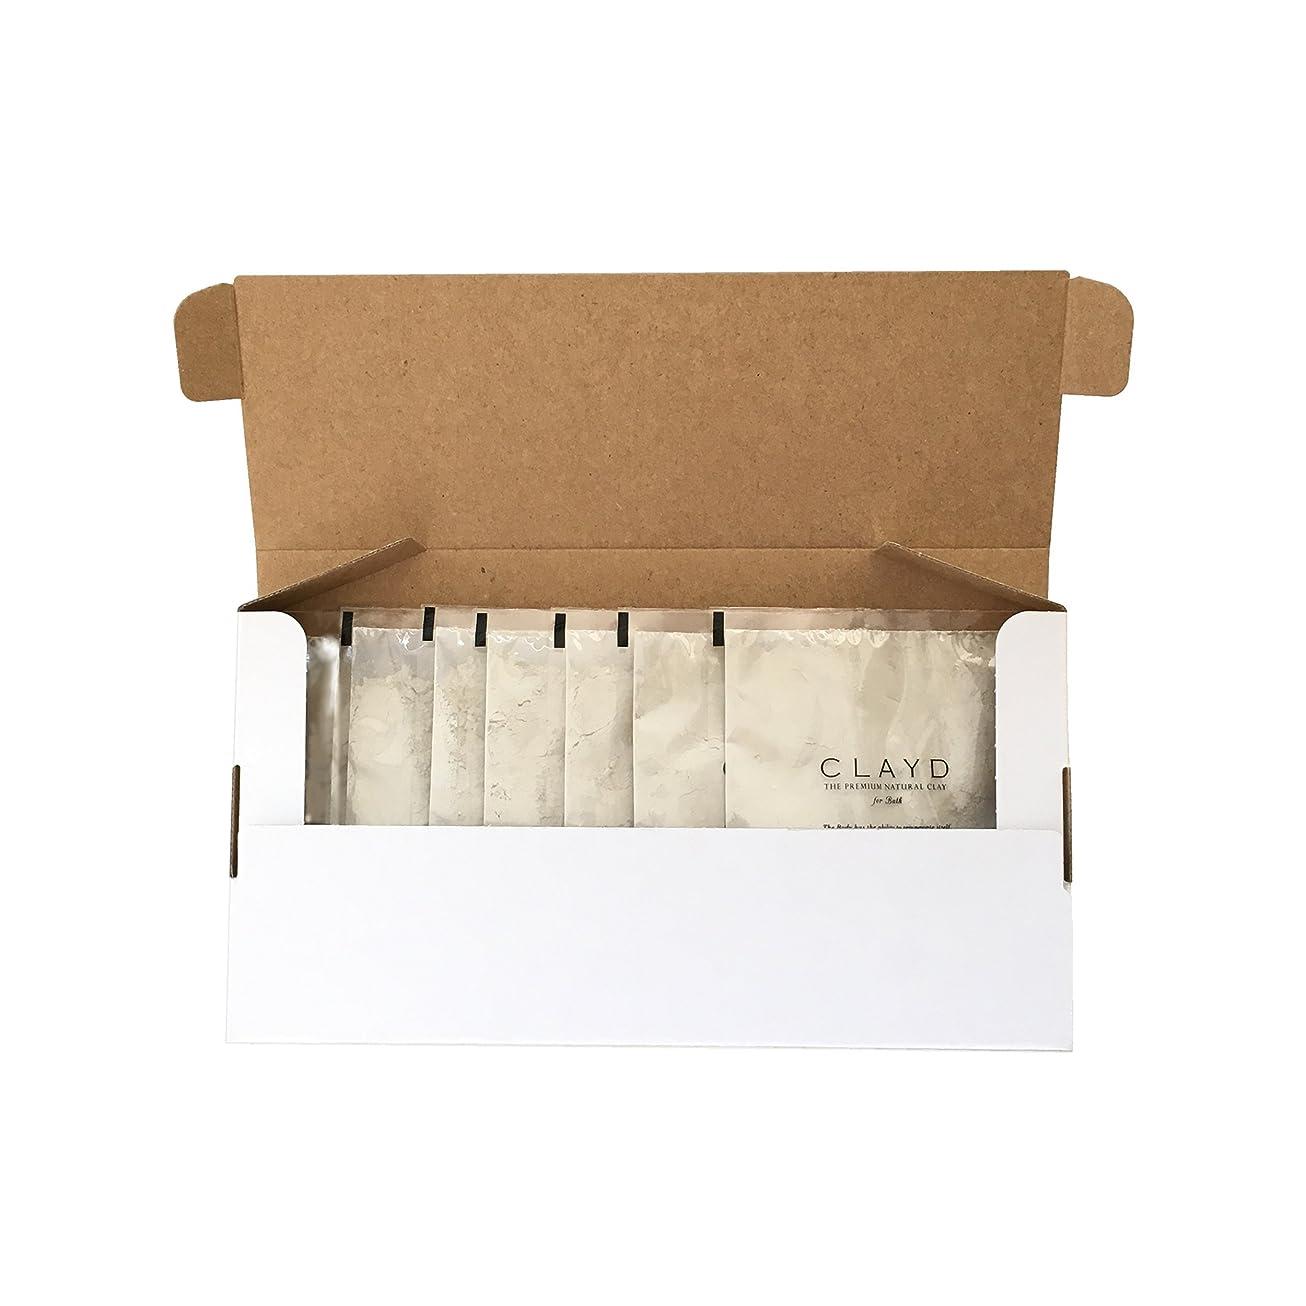 含めるしないでください金曜日CLAYD for Bath(クレイドフォーバス)ONE WEEK TRIAL(30g×7袋)